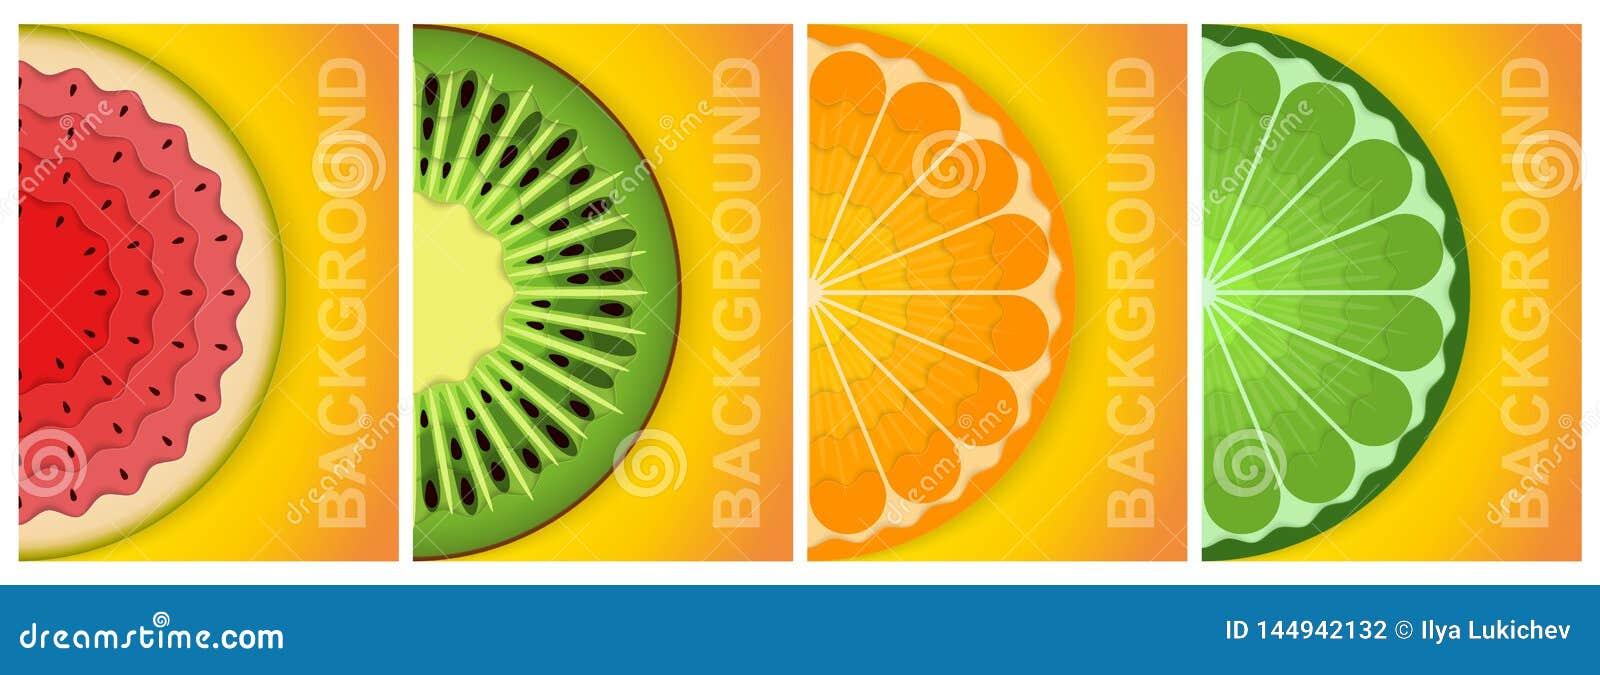 предпосылка 3D Бумажный лист Естественная еда Красочные абстрактные графические элементы концепции